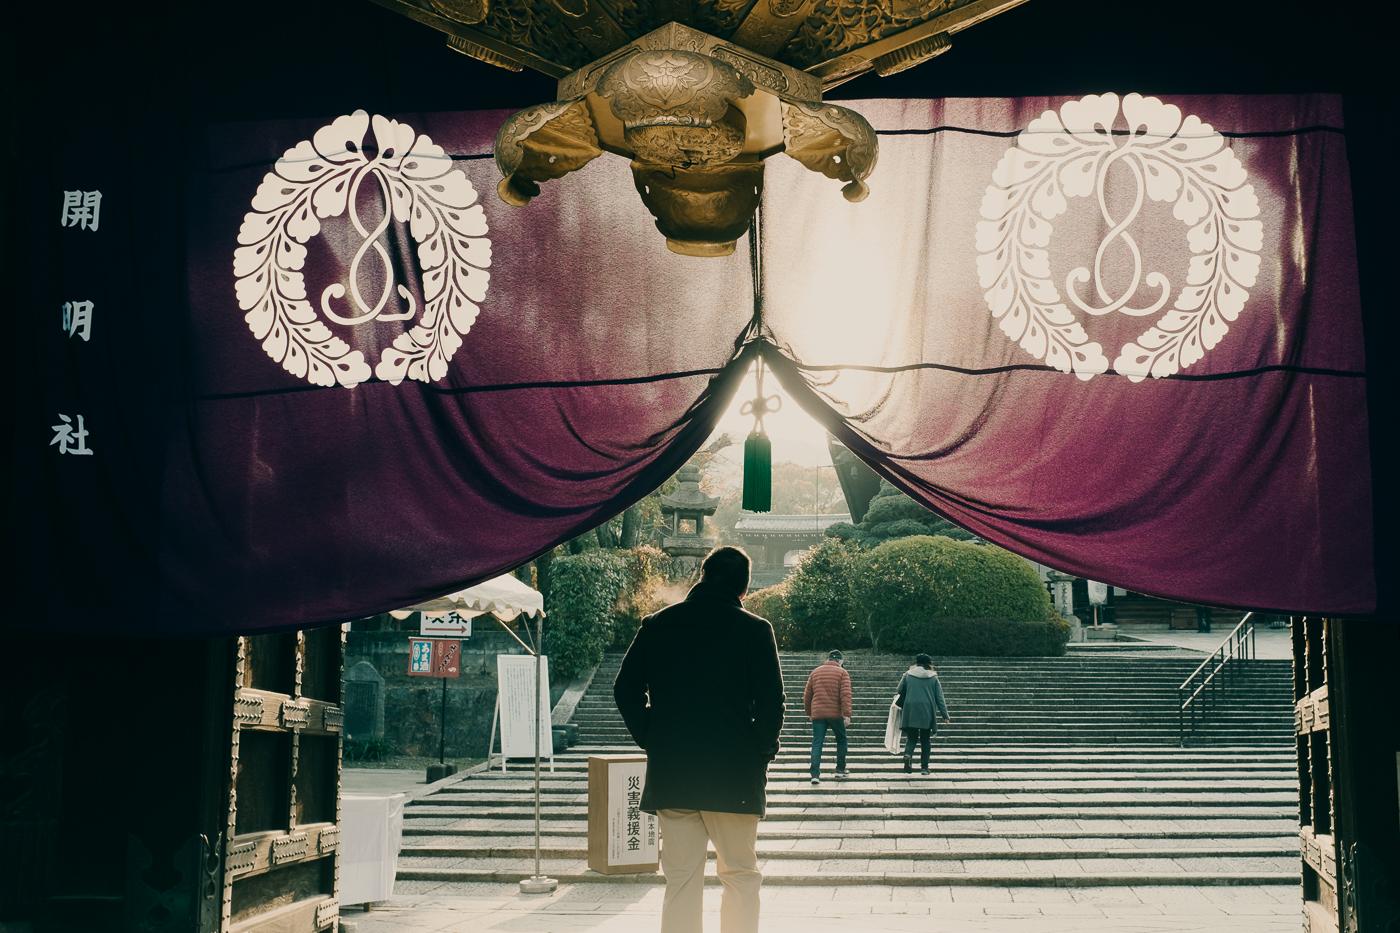 Portrait de rue à l'entrée d'un temple de Kyoto, de bon matin